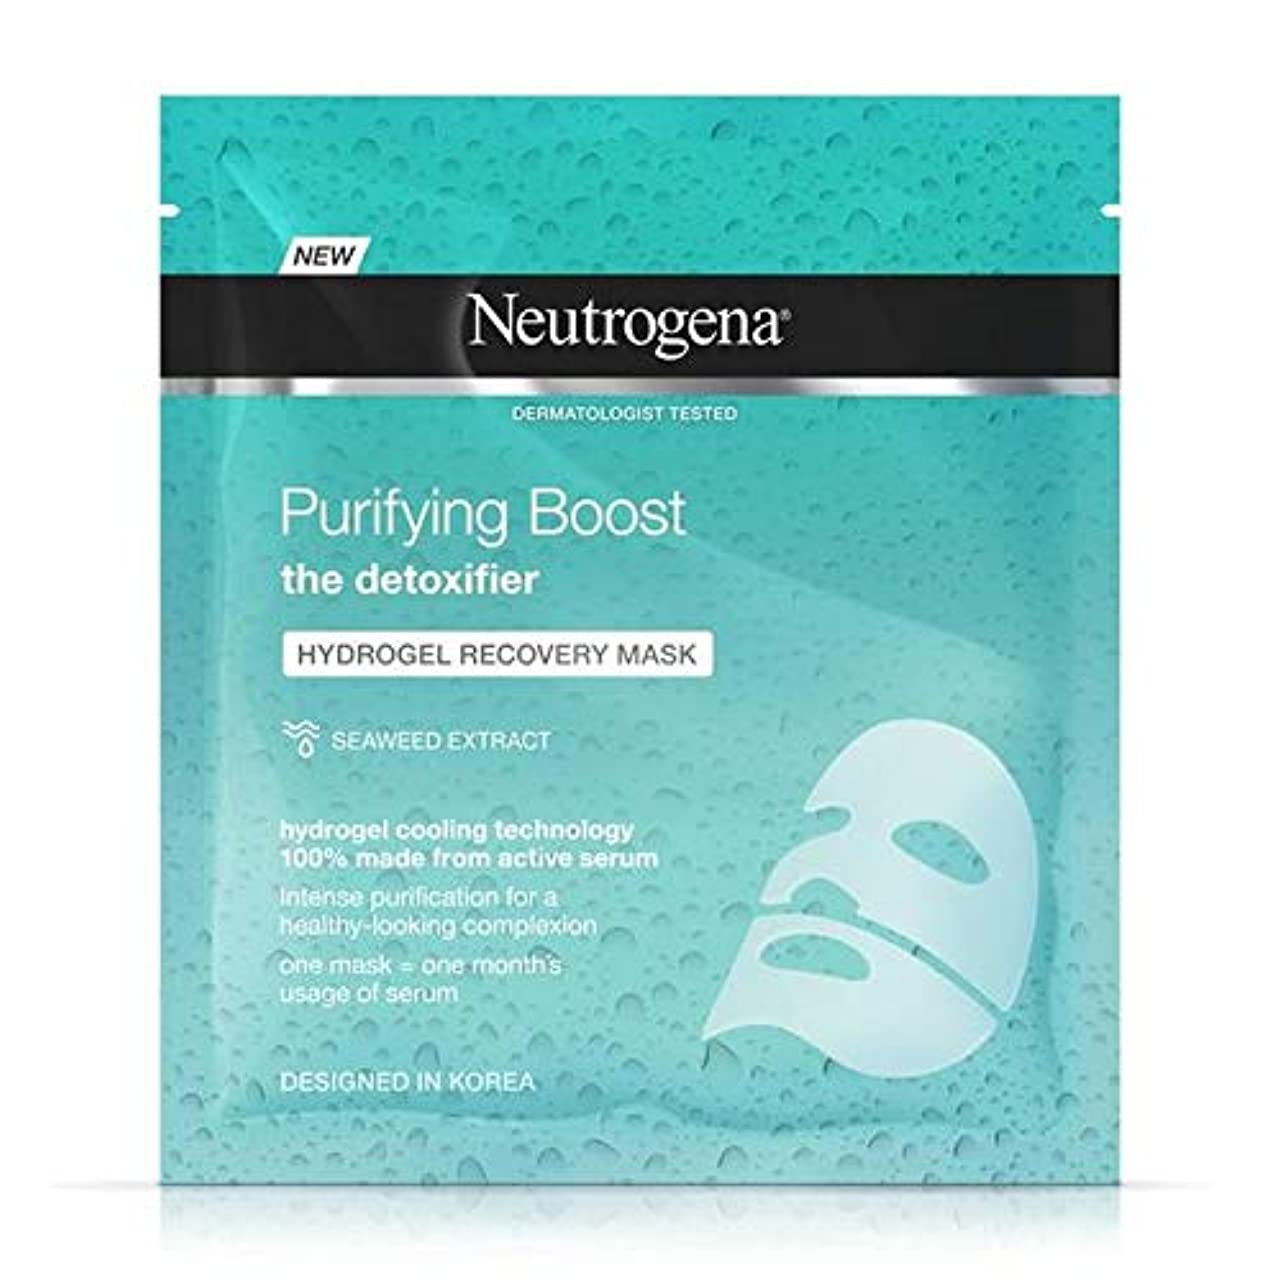 派手ゆるい二層[Neutrogena] ニュートロジーナ浄化ブーストハイドロゲルマスク30ミリリットル - Neutrogena Purifying Boost Hydrogel Mask 30ml [並行輸入品]